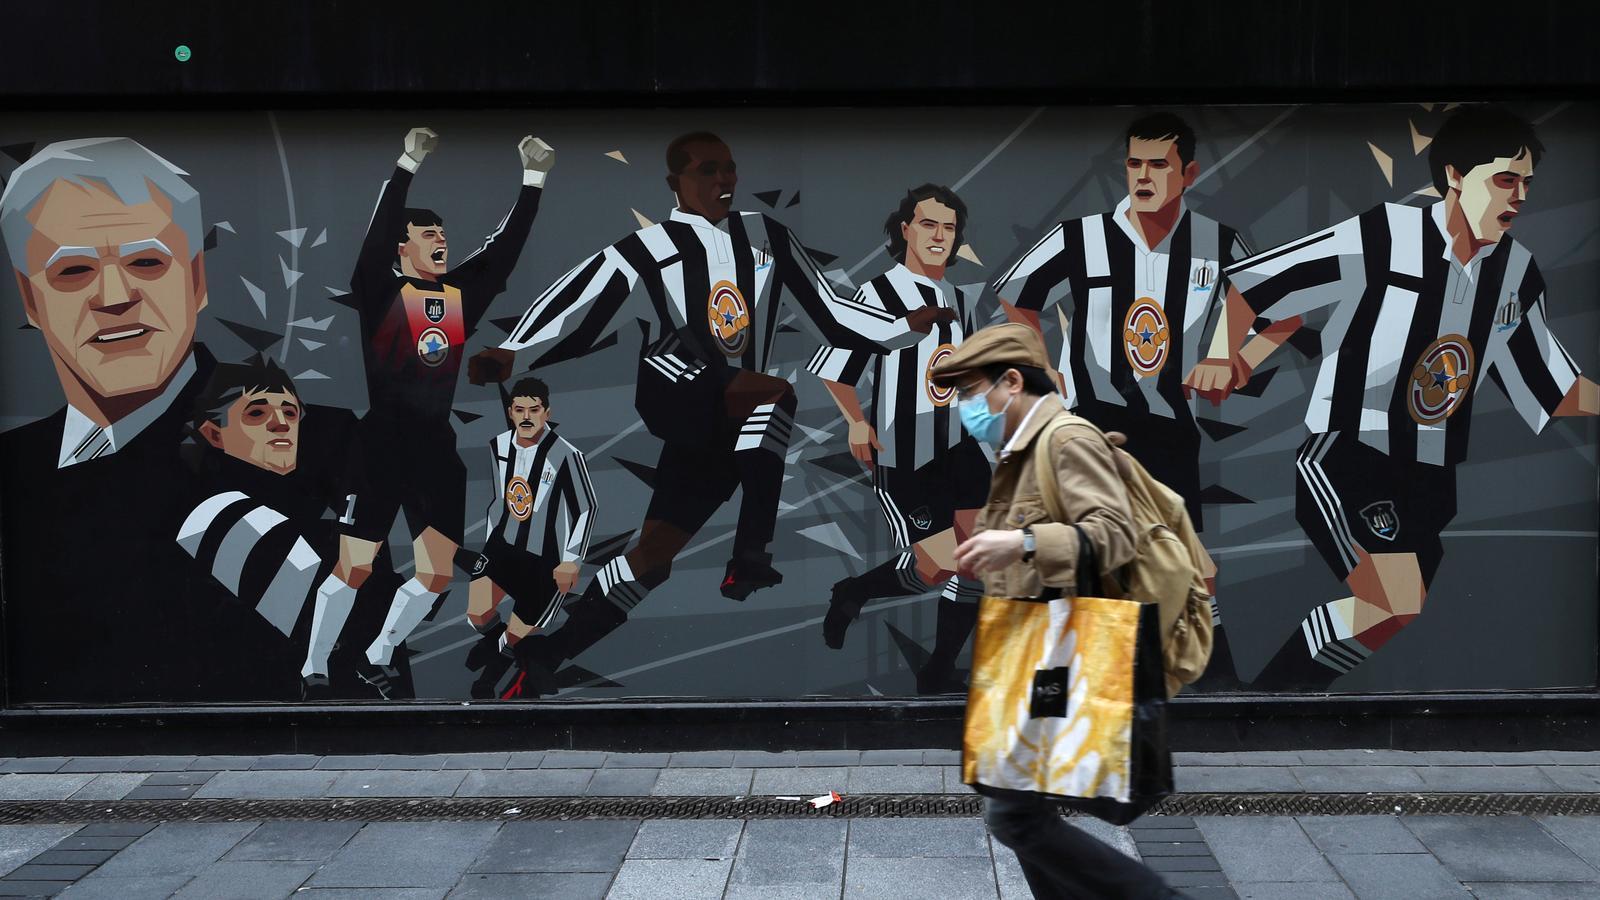 Un home cobert amb una mascareta passa al davant d'un grafit que representa els jugadors del Newcastle FC